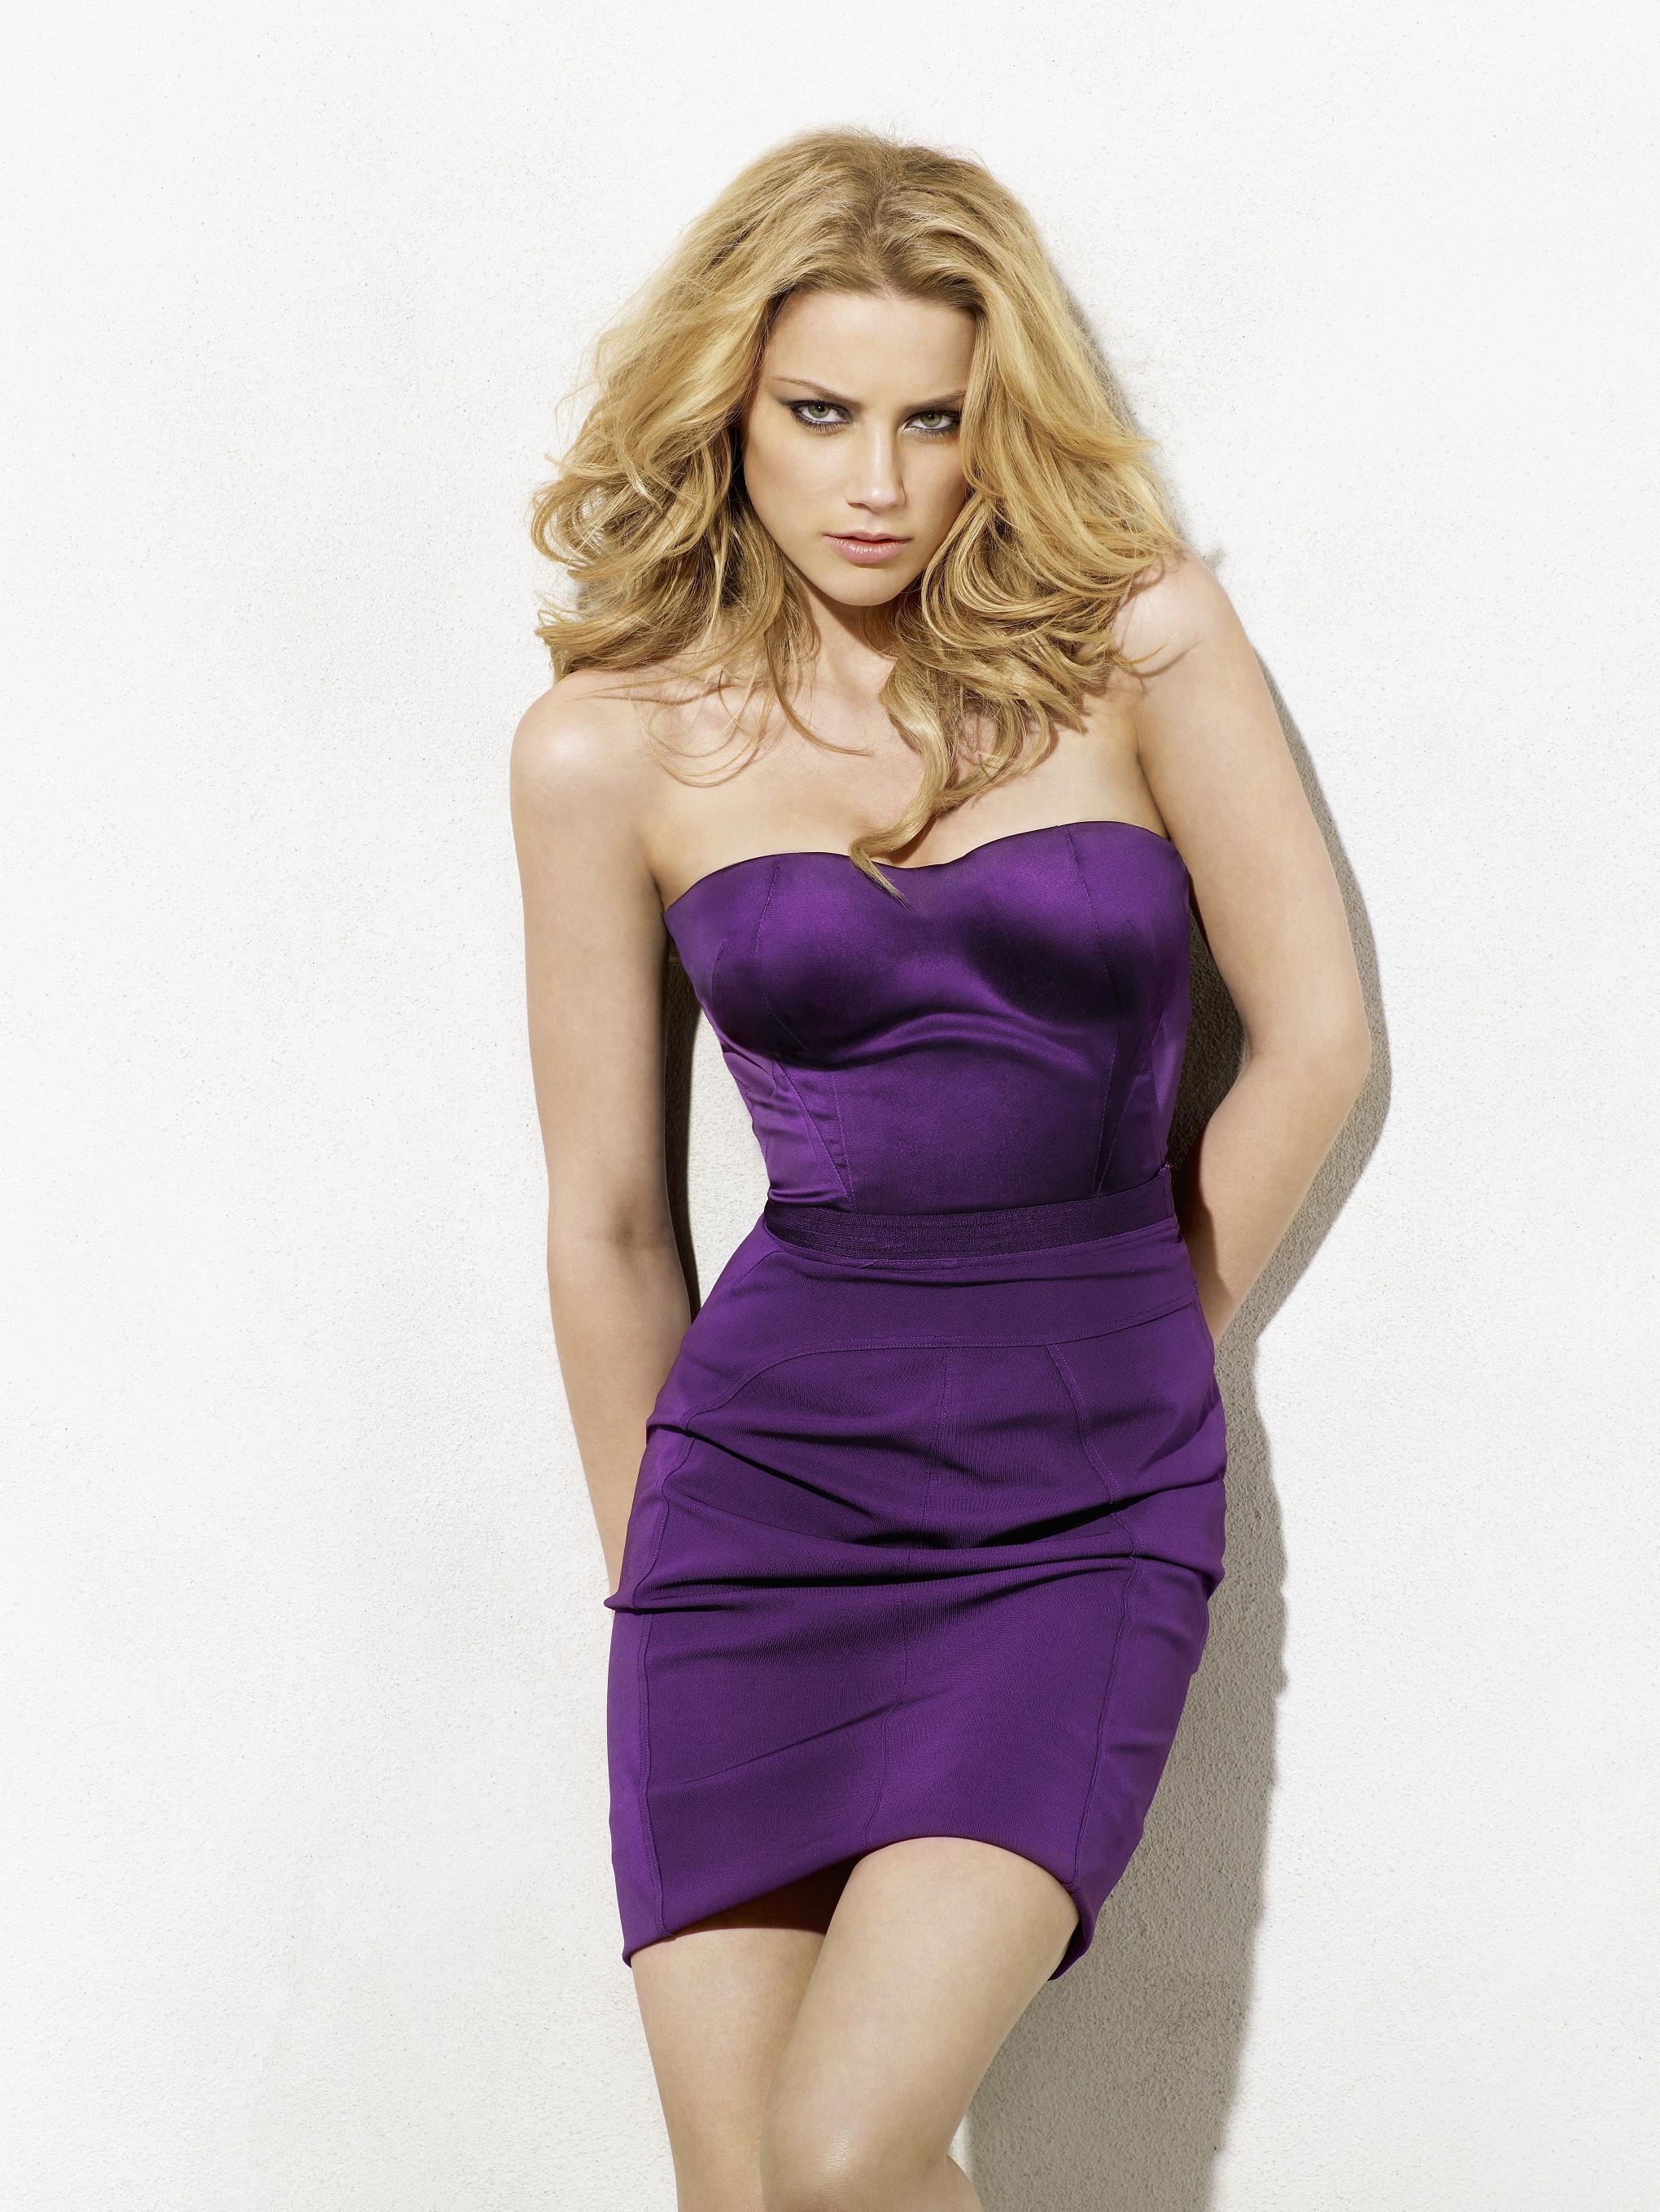 Amber Heard pilladas 1